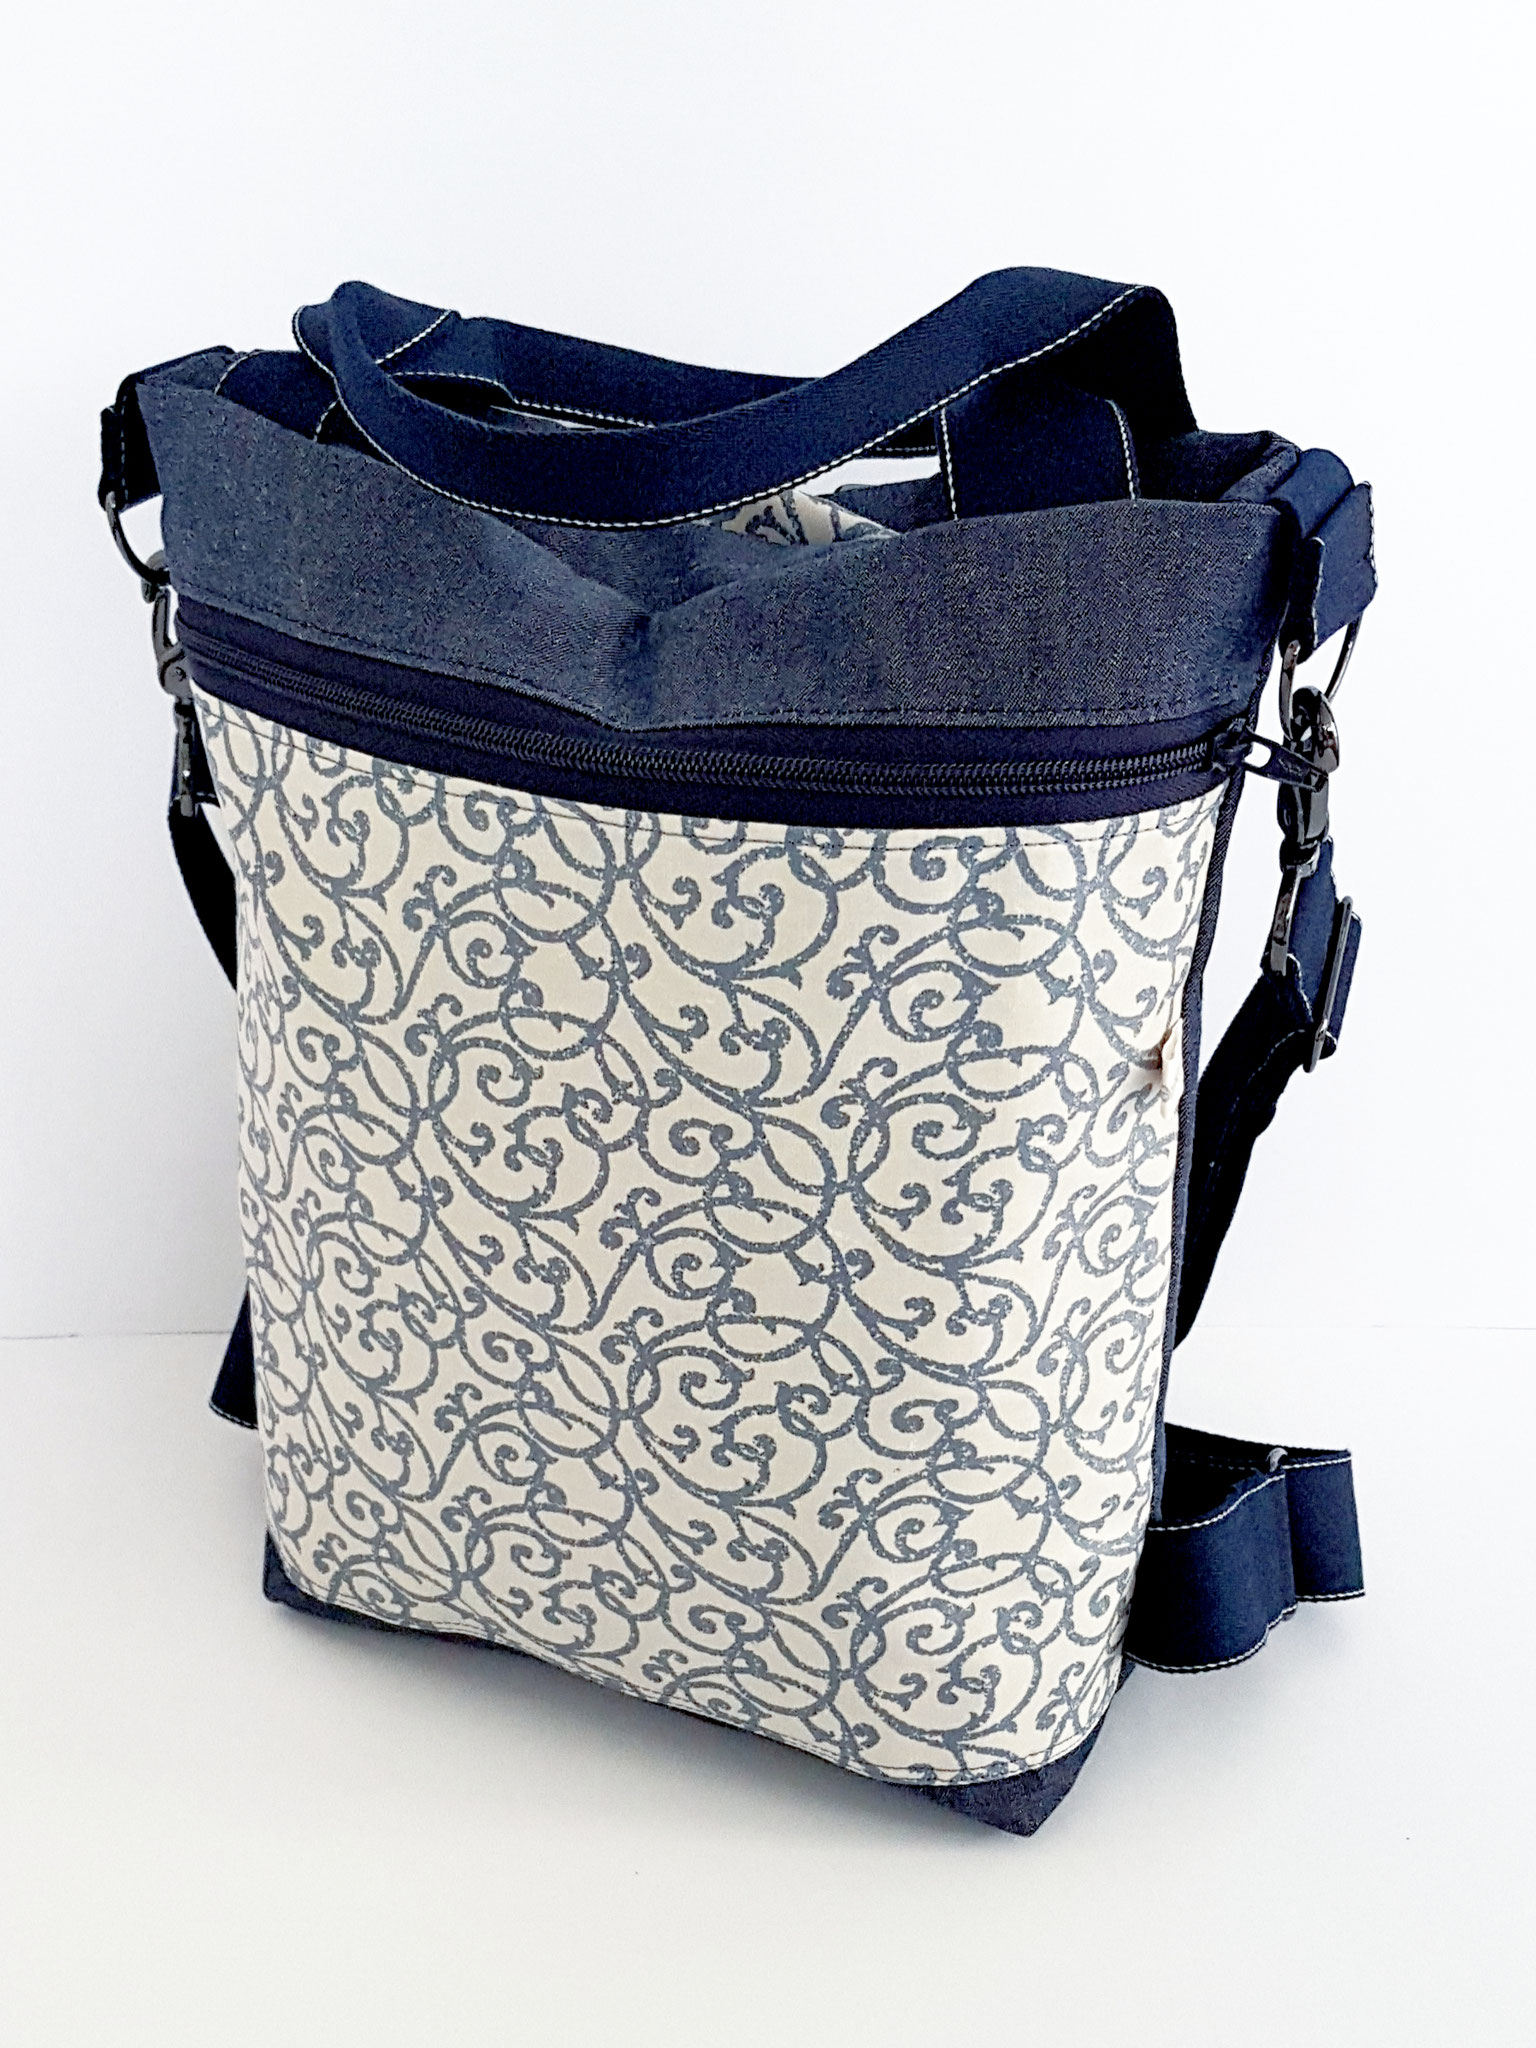 3in1 Bag M, Oilskin trochen Denim kombiniert mit beschichteter Baumwolle, verkauft